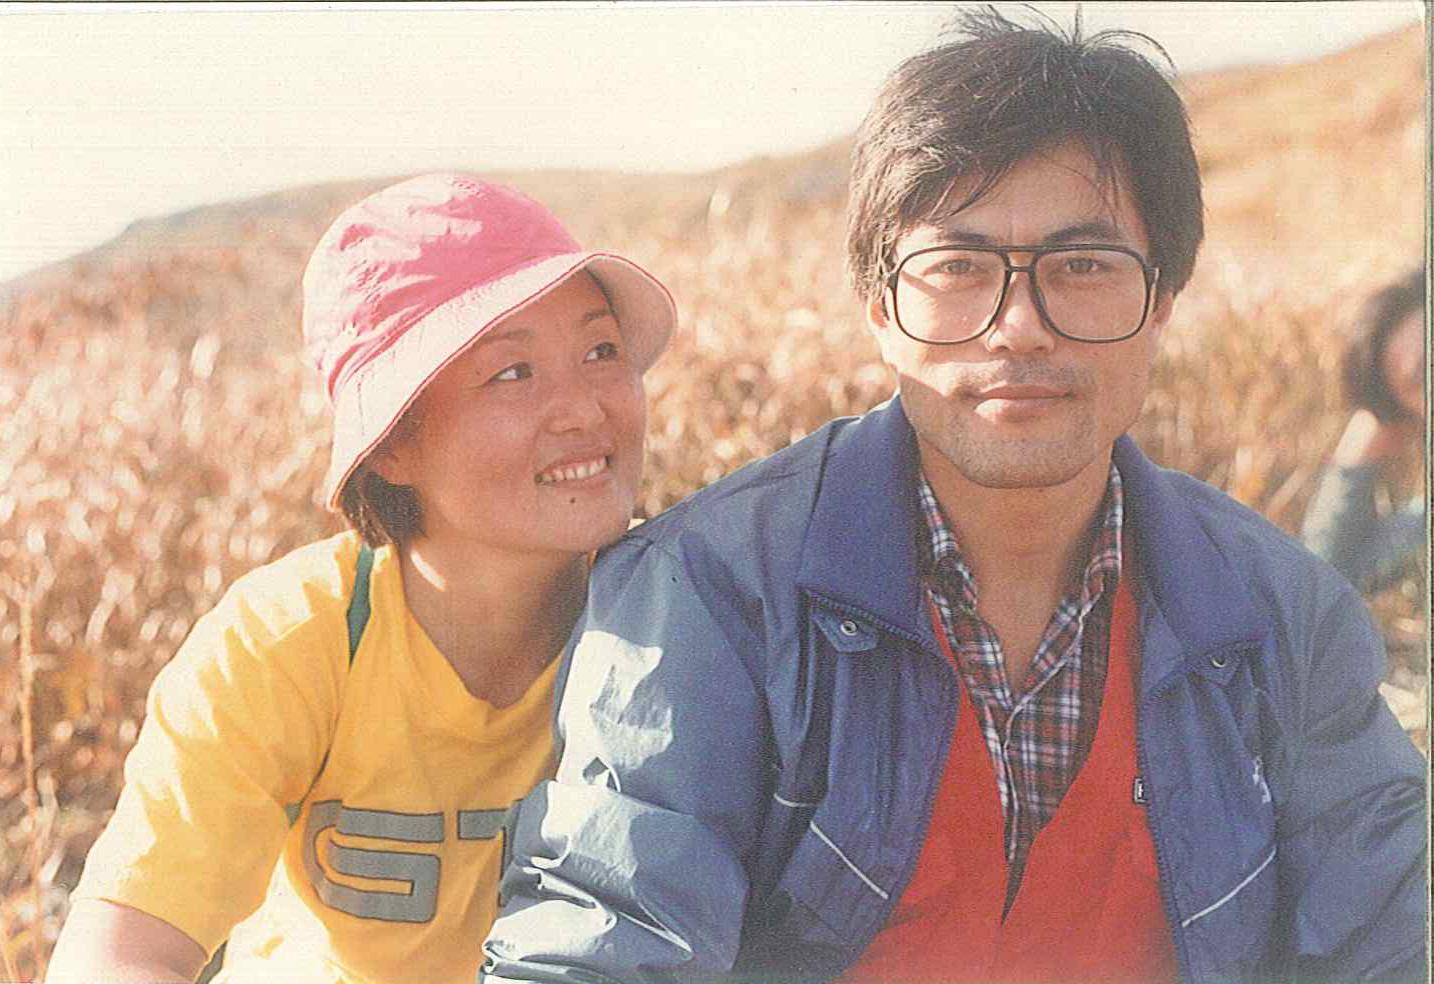 지지율 1위의 대선주자 문재인과 그를 가장 지지하는 아내 김정숙을 만났다.